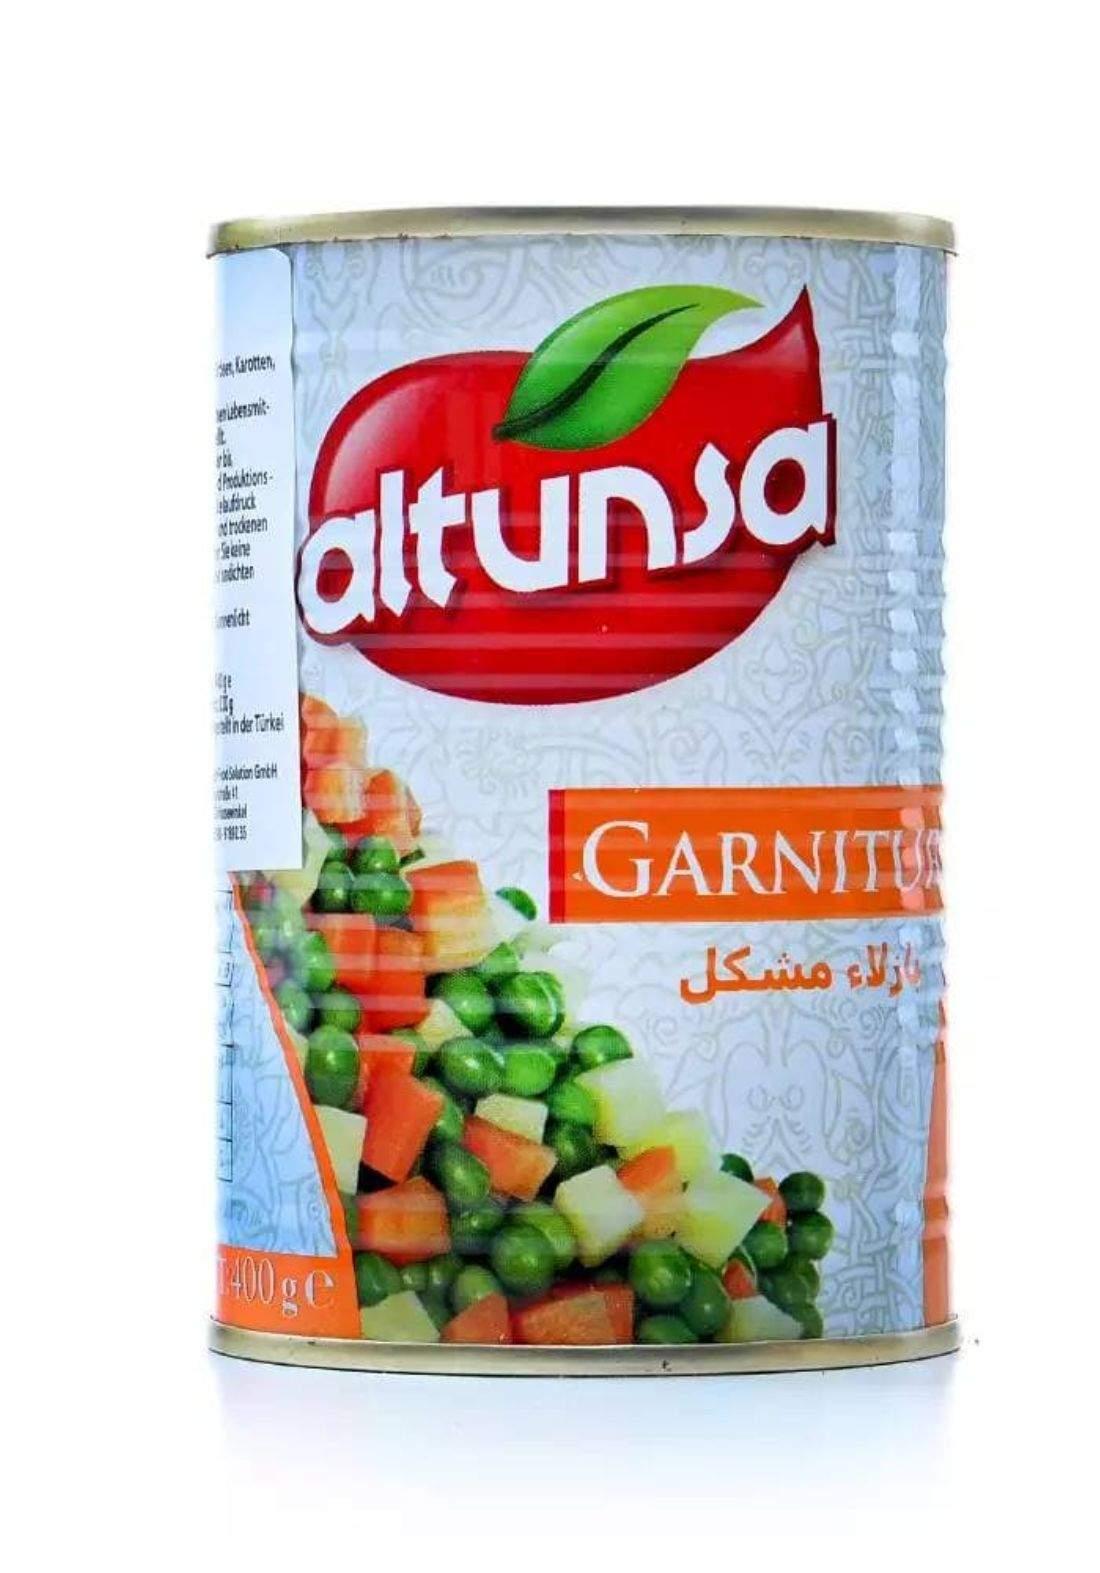 Altunsa garniture 400g التون سا بازلاء مشكل